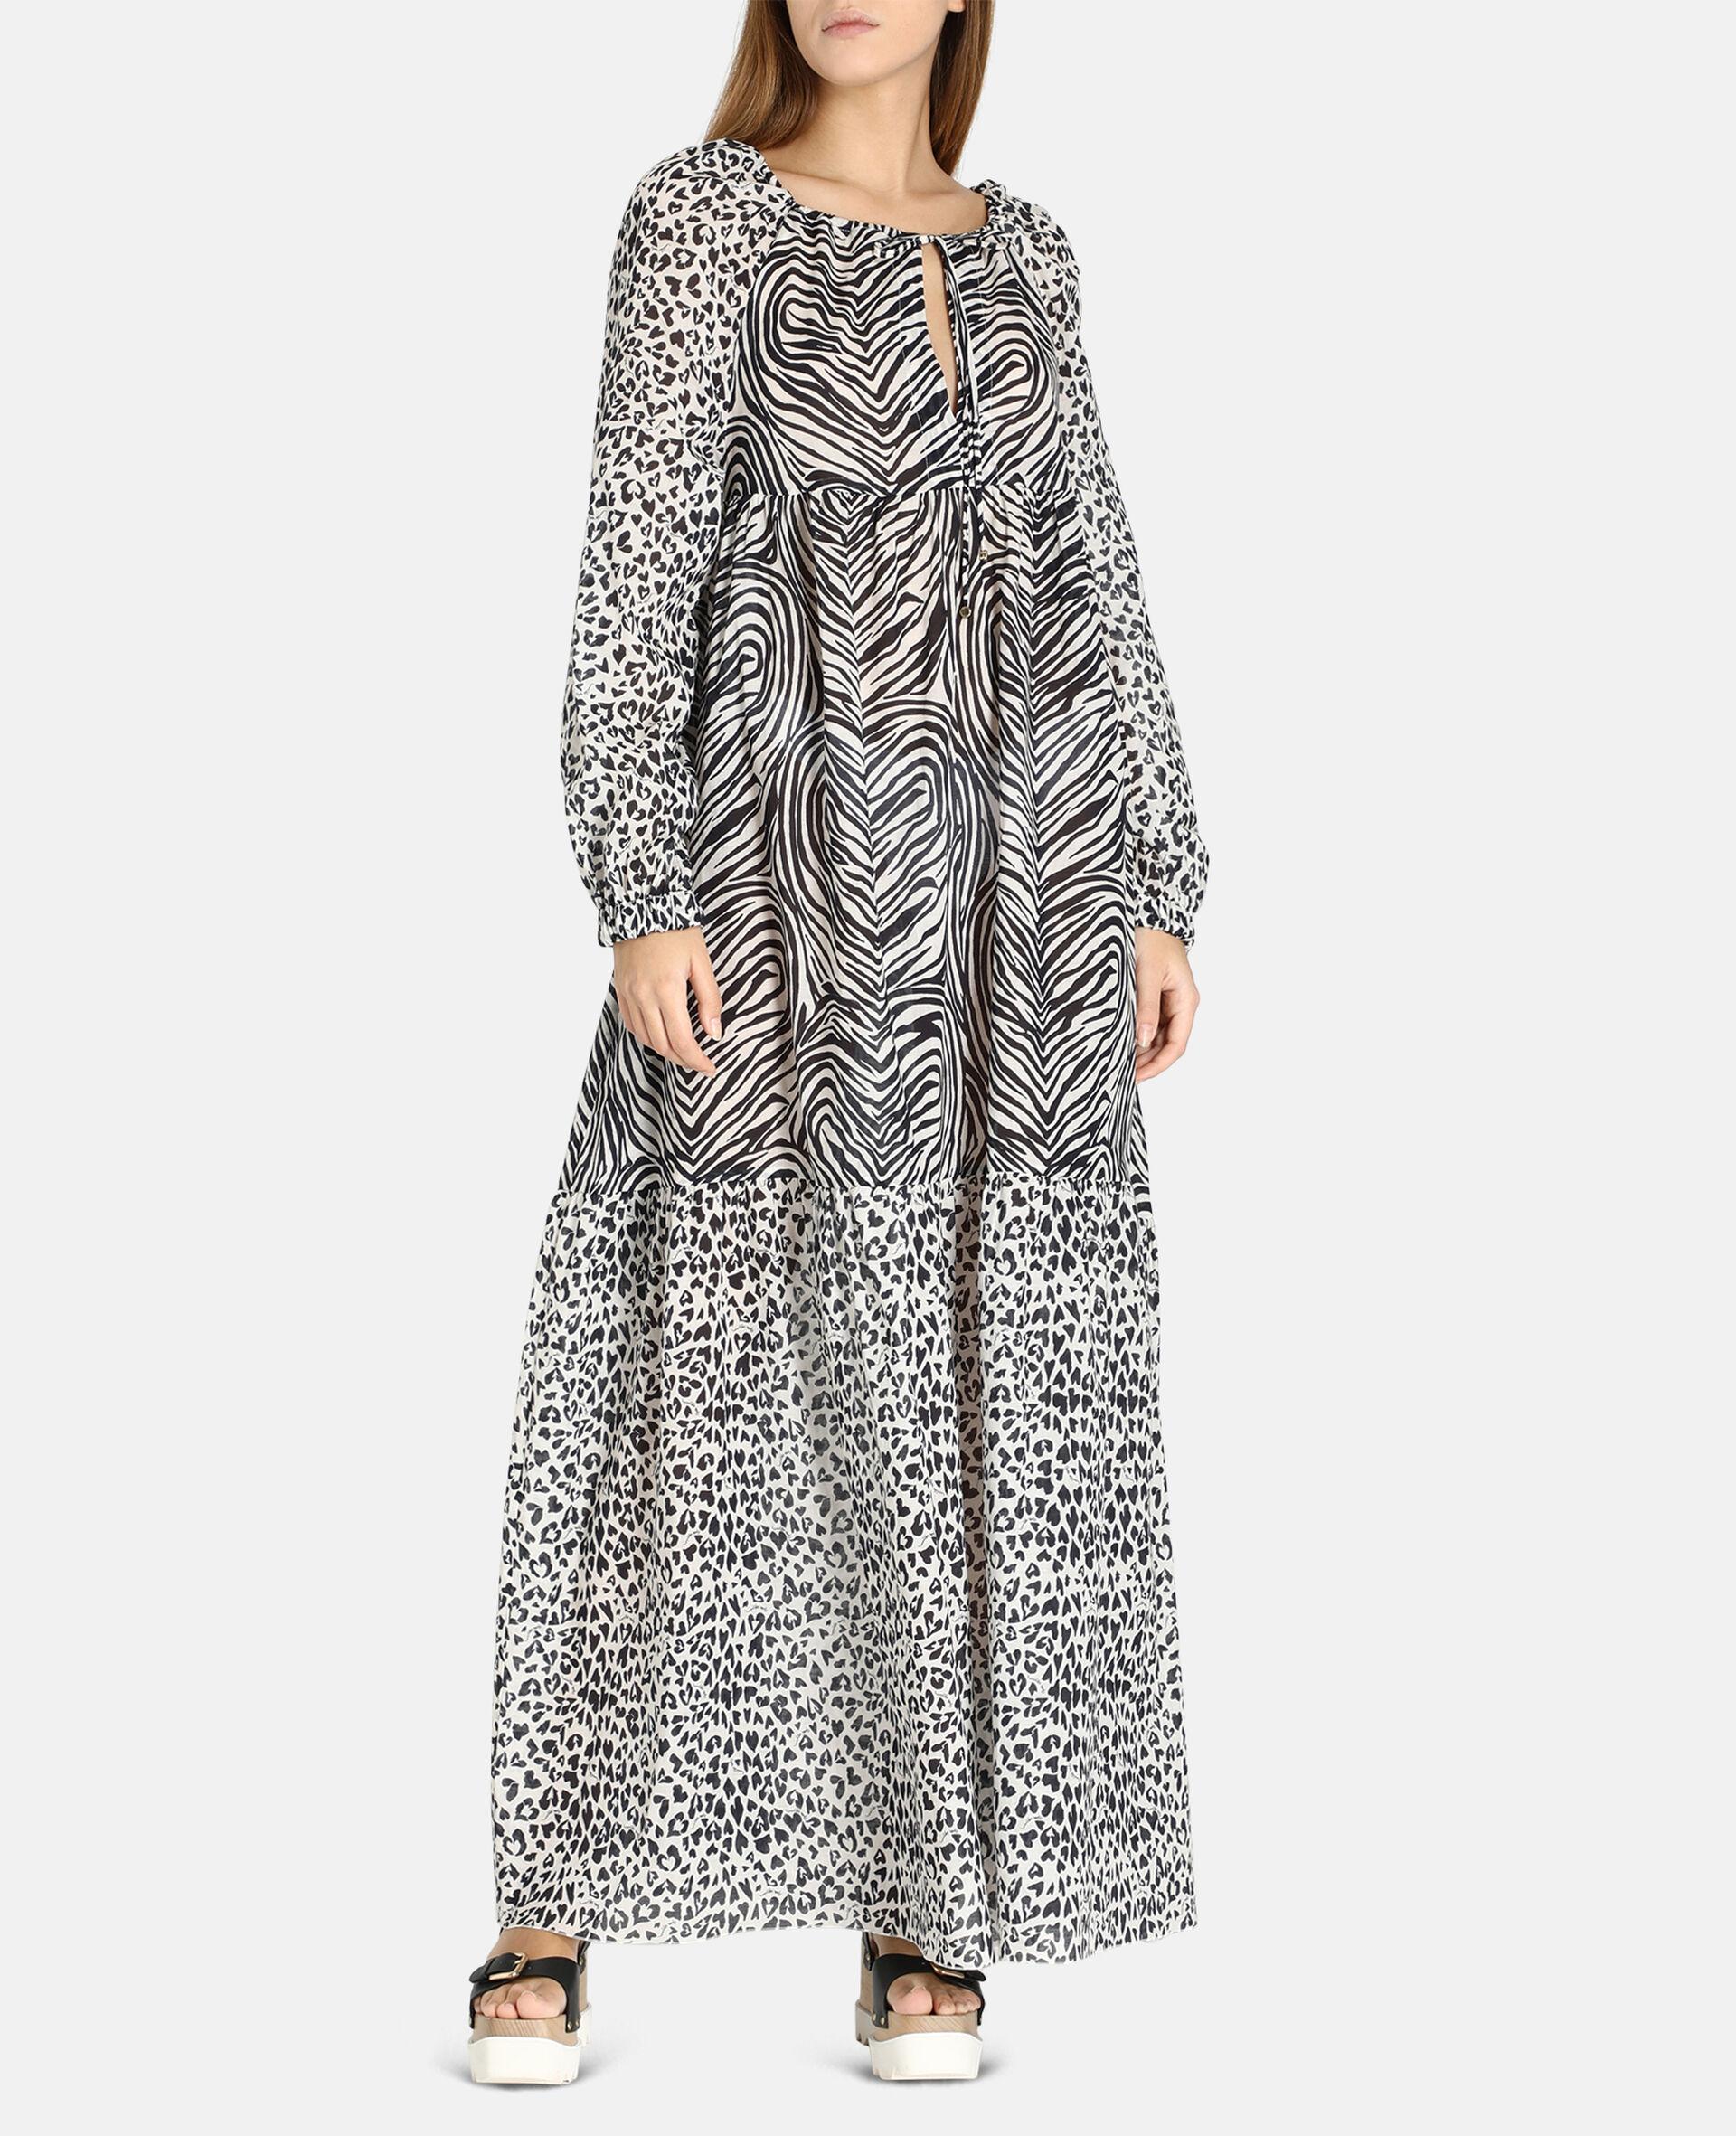 Robe longue à imprimé mix animalier-Noir-large image number 1